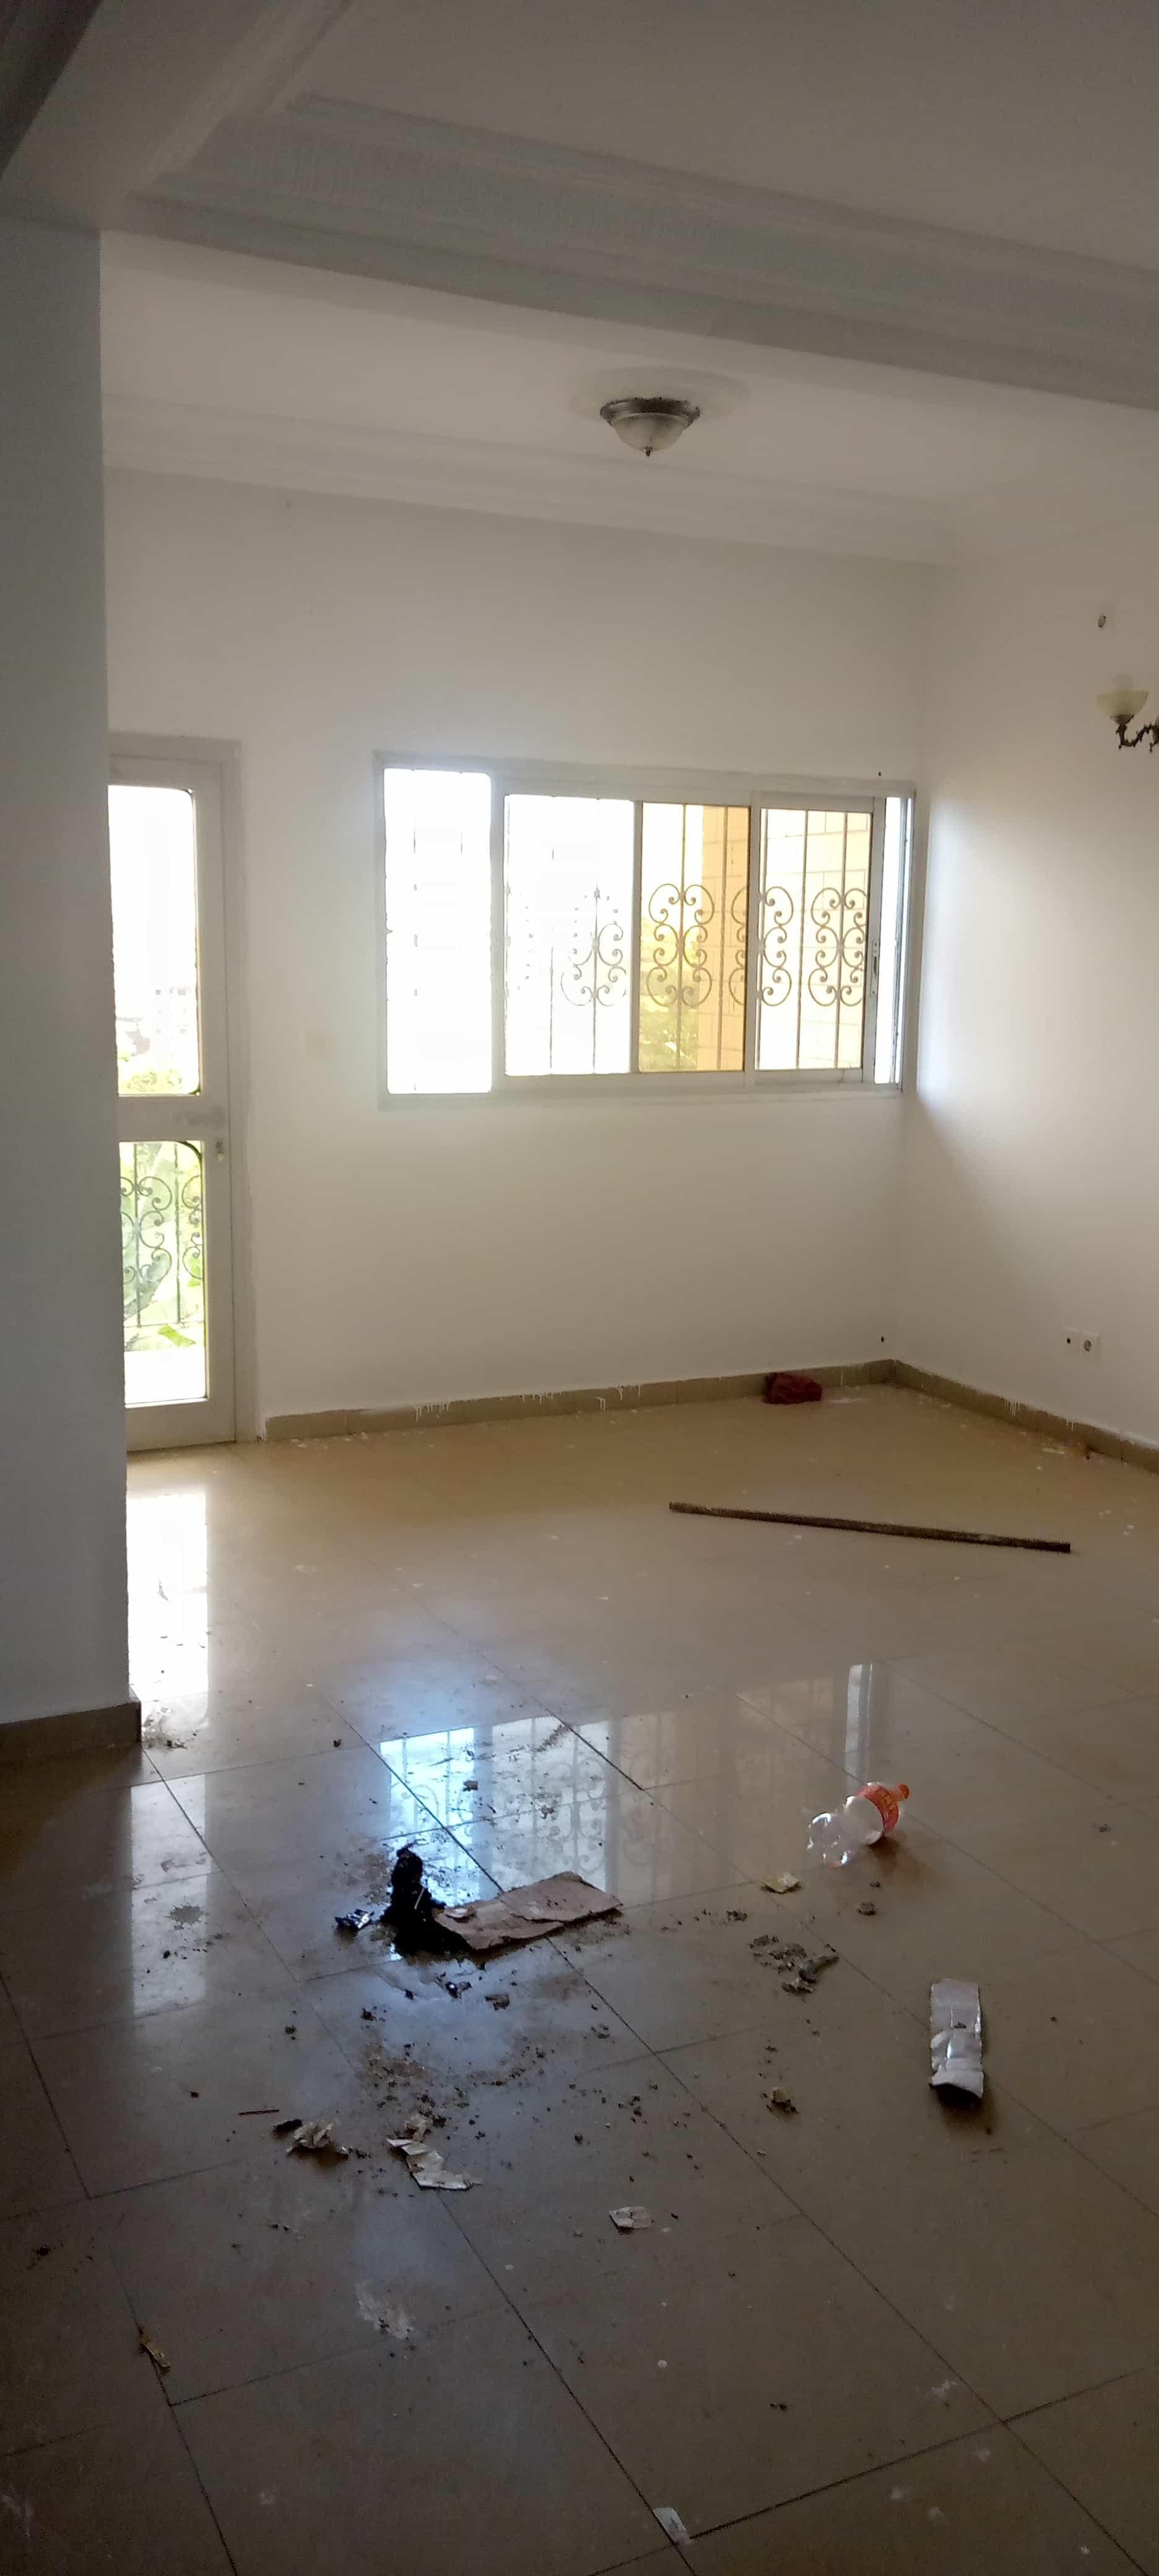 Apartment to rent - Yaoundé, Essos, Pas loin de masso - 1 living room(s), 2 bedroom(s), 2 bathroom(s) - 150 000 FCFA / month